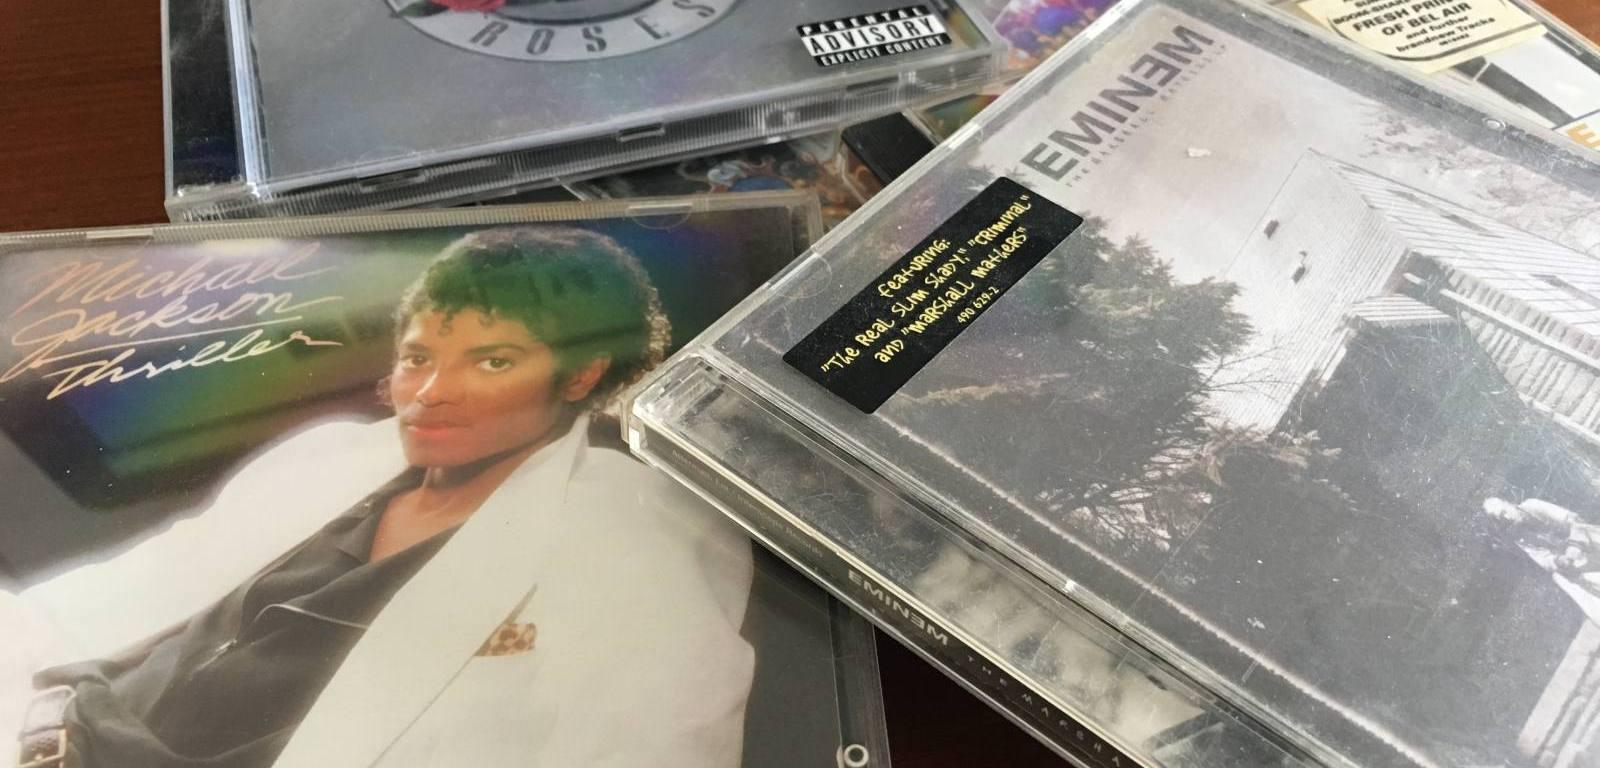 Es ist Zeit, die CD-Sammlung auf den Rechner zu übertragen (Bild: Tutonaut)